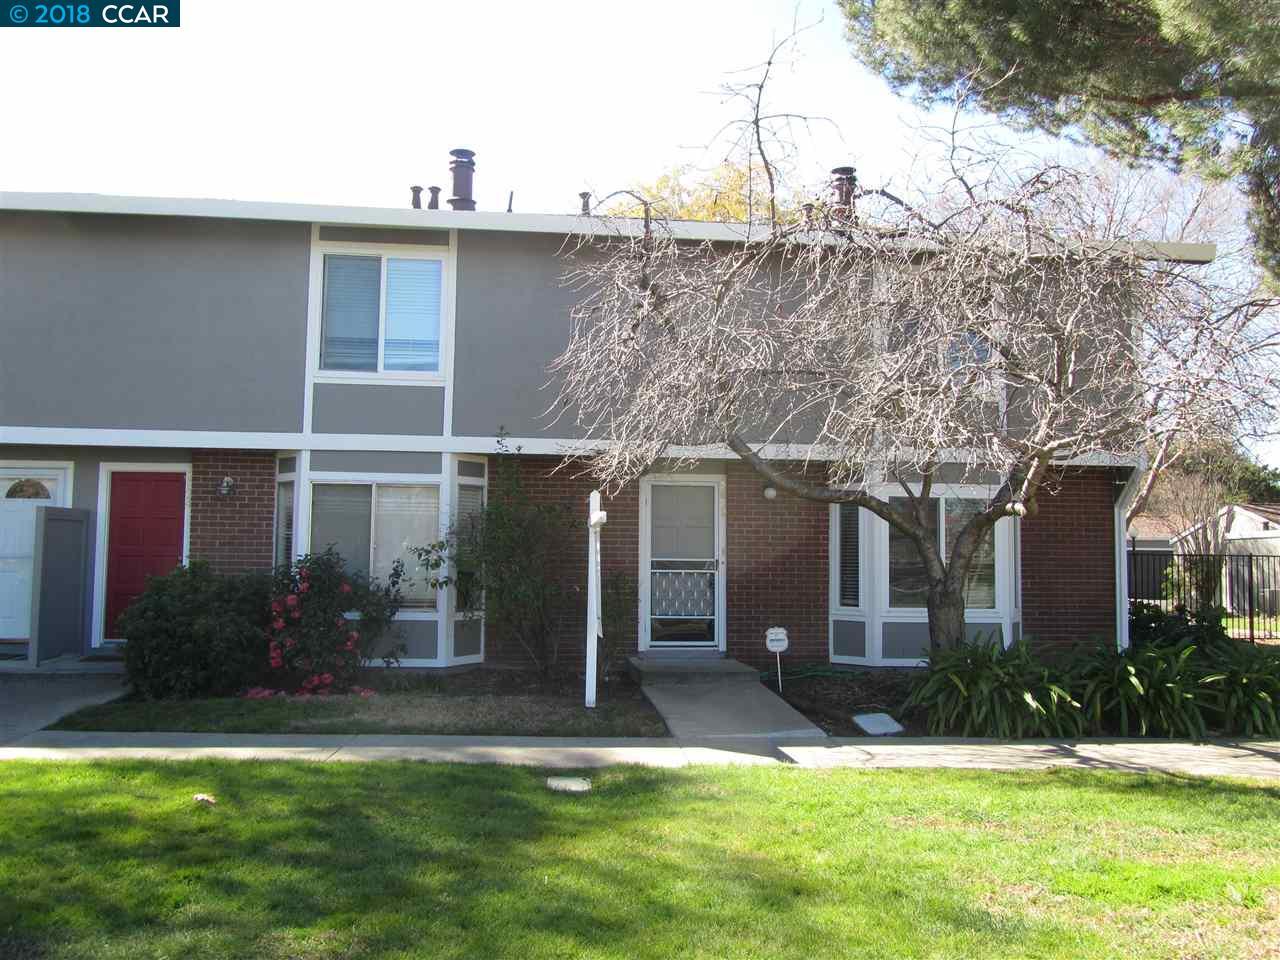 Stadthaus für Mieten beim 2828 Royal Ann Lane 2828 Royal Ann Lane Concord, Kalifornien 94518 Vereinigte Staaten